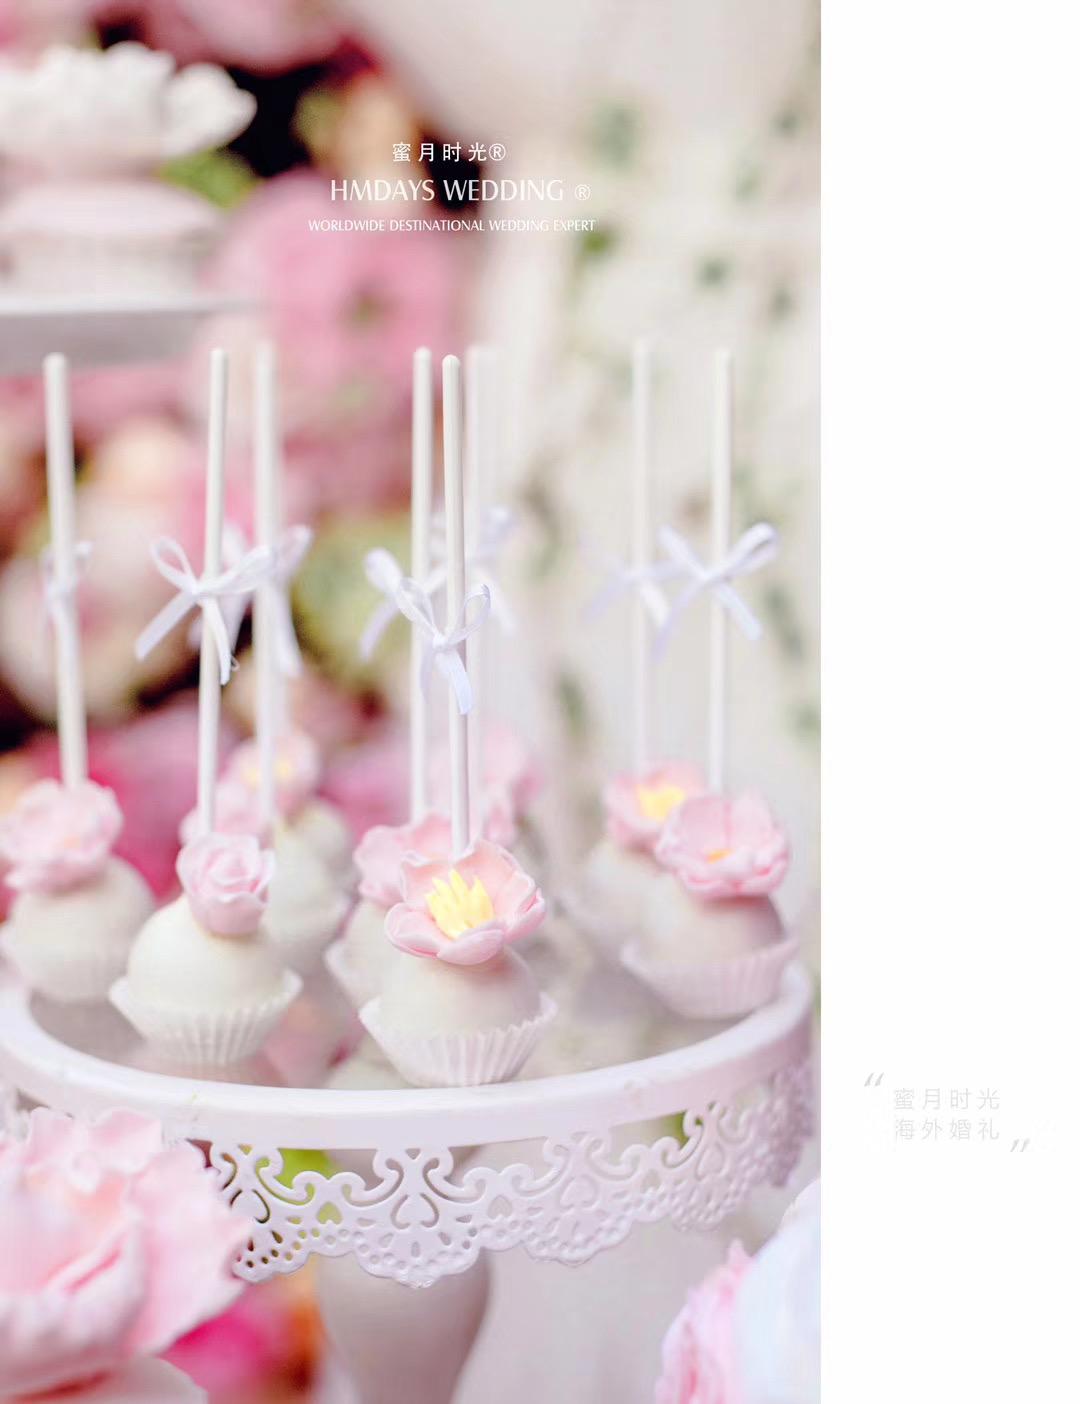 海外婚礼巴厘岛婚礼甜品台